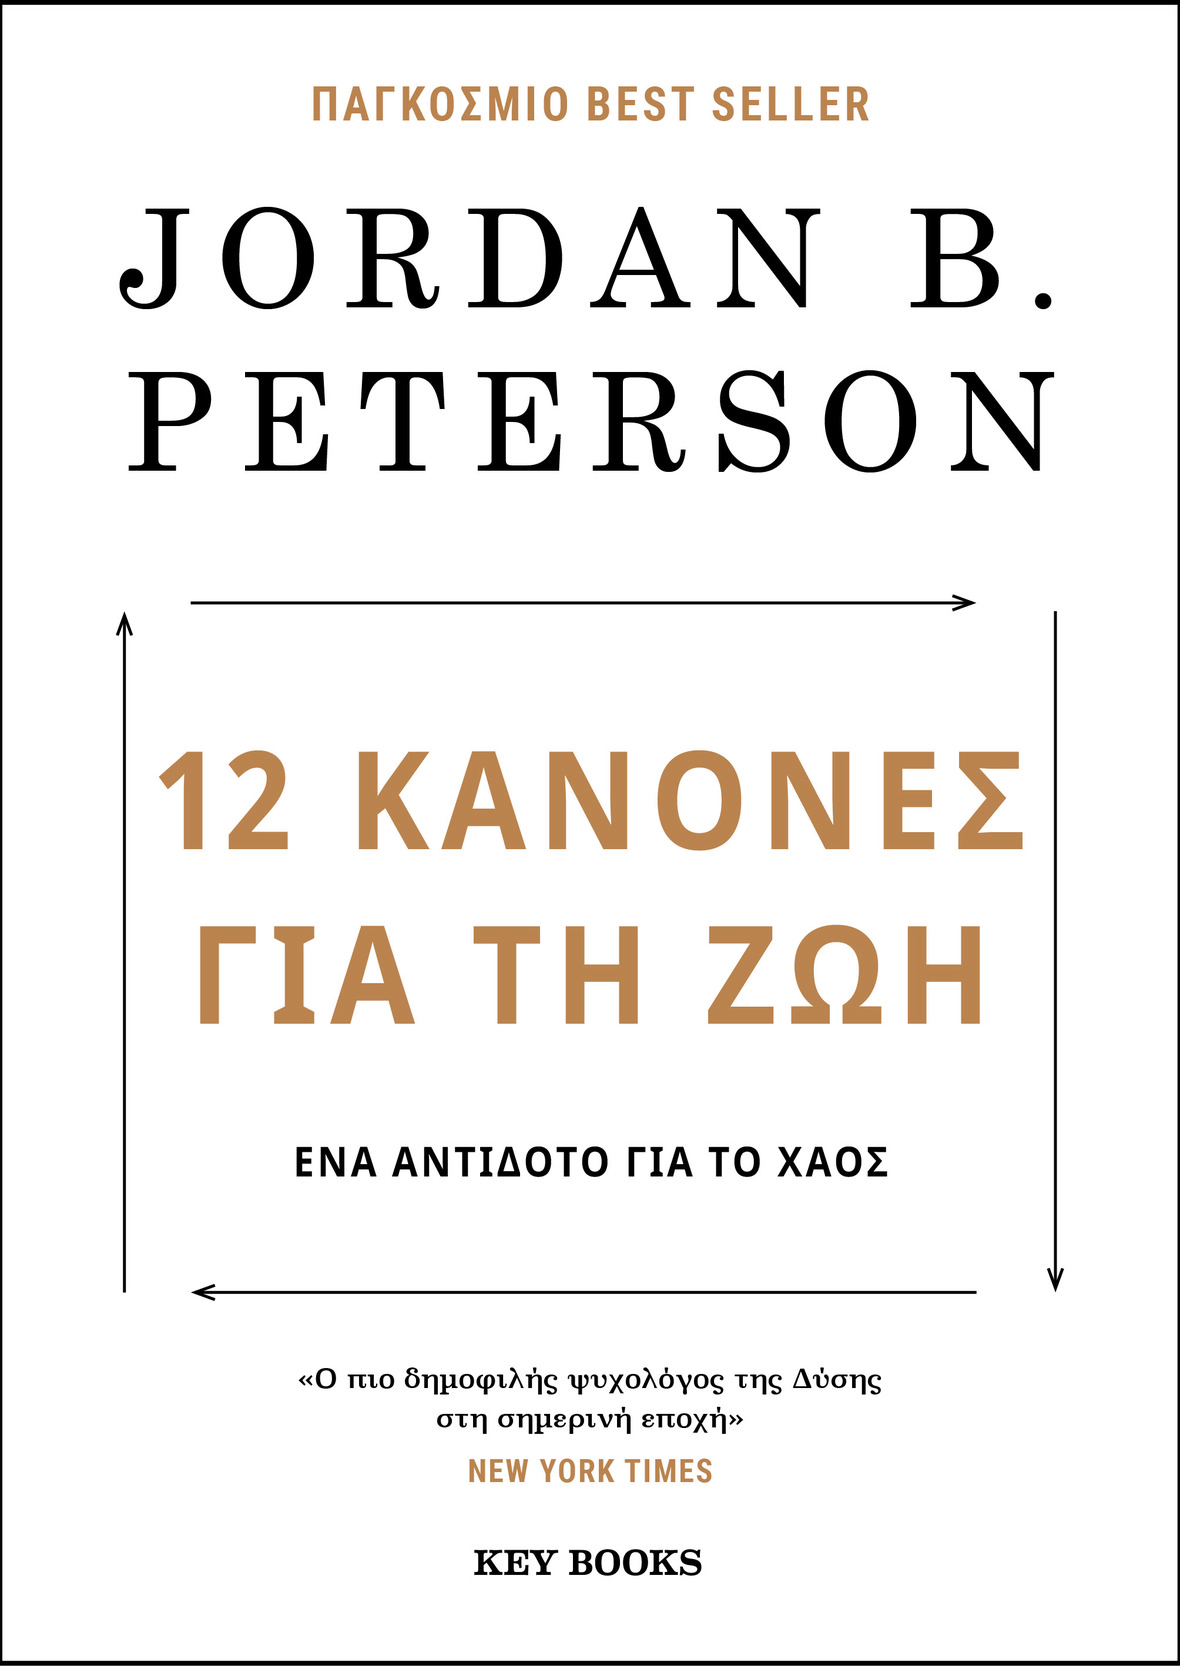 12 κανόνες για τη ζωή: Γνωρίστε το βιβλίο φαινόμενο!